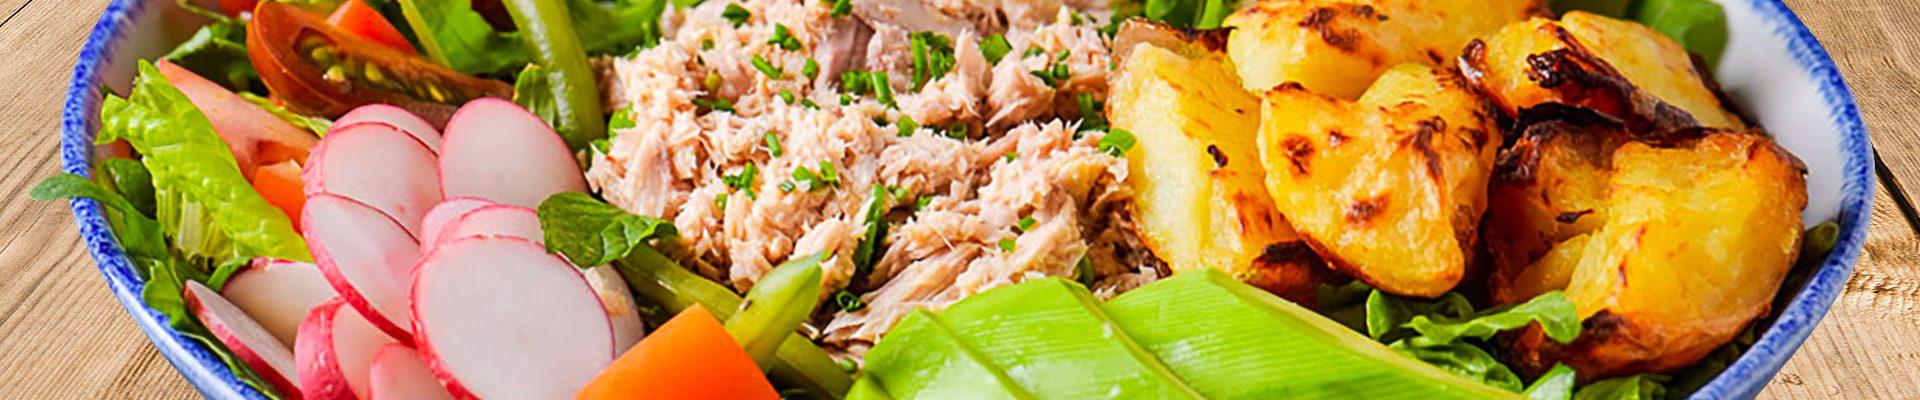 salad-nisuaz